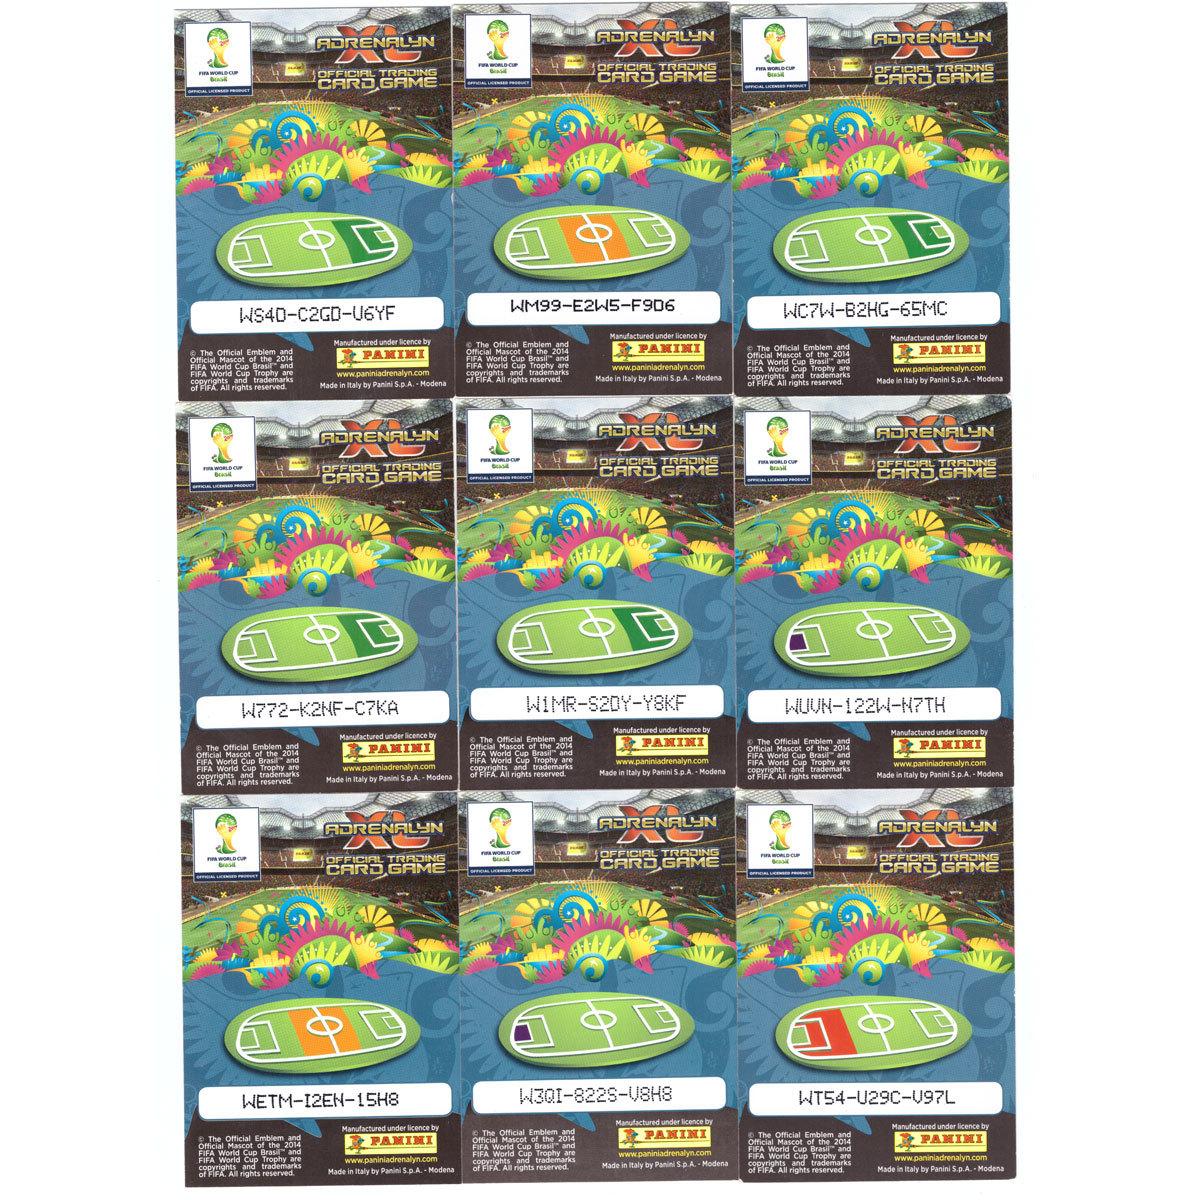 Спортивные карточки. Футбол. Базовый сет 206 шт. PANINI Чемпионат Мира 2014. Adrenalyn XL